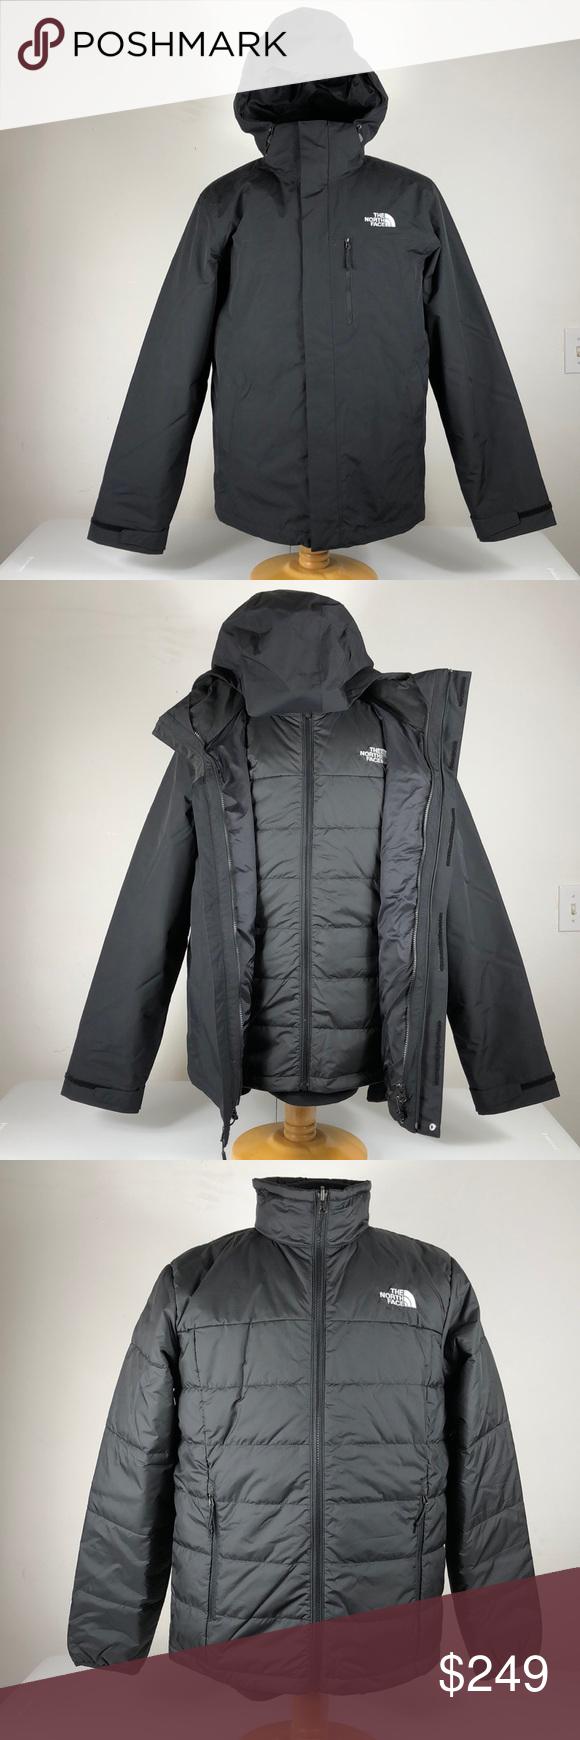 Men S Black North Face Carto Tri Climate Jacket Black North Face Jackets Triclimate Jacket [ 1740 x 580 Pixel ]